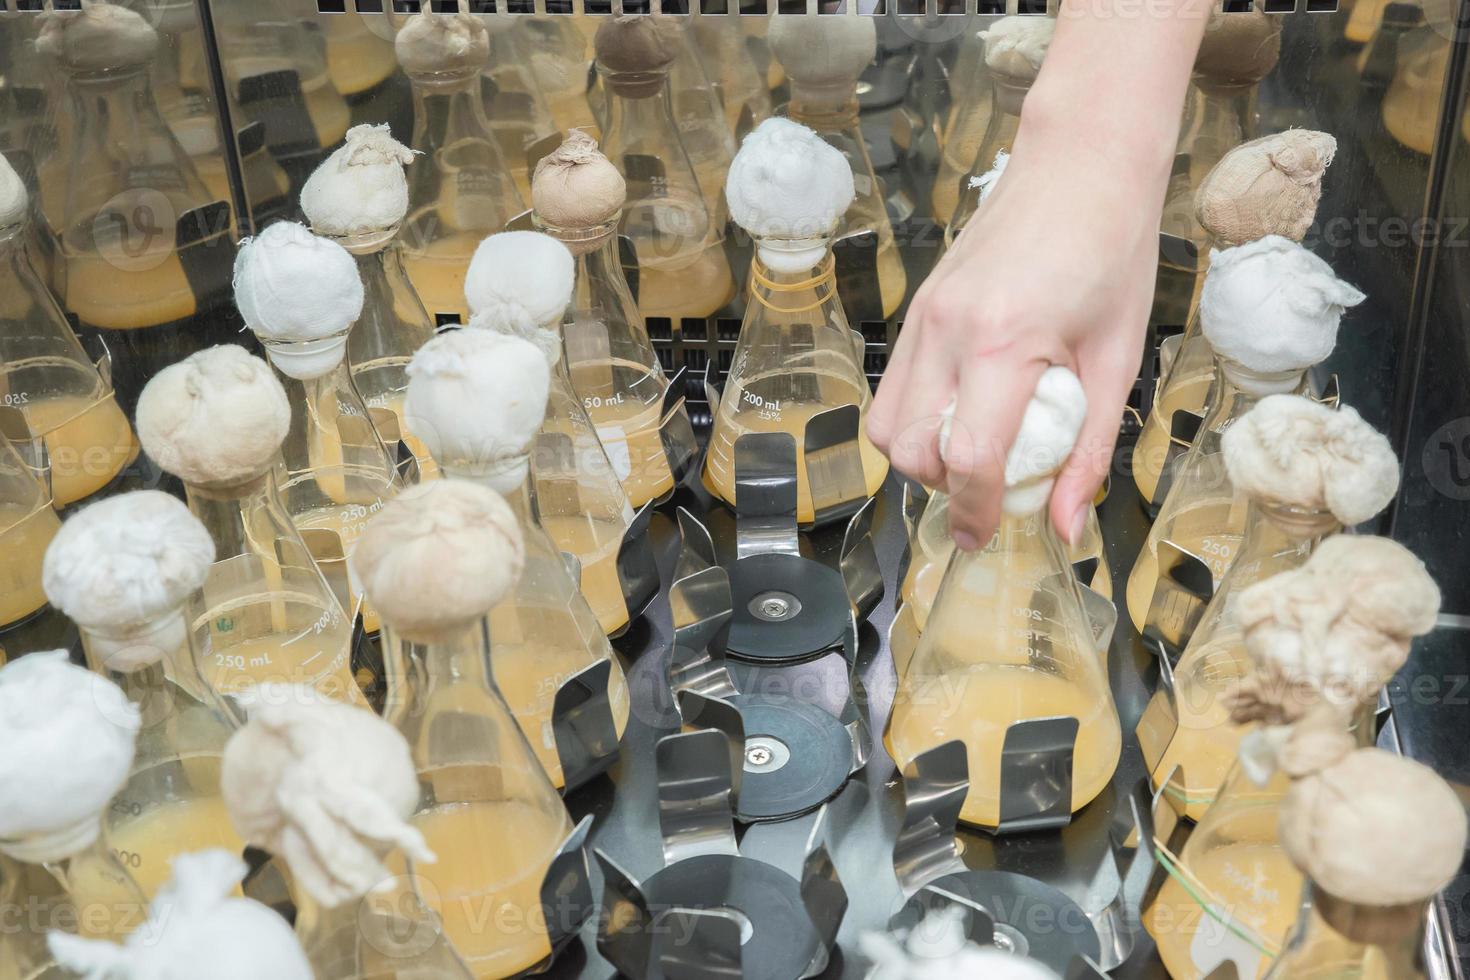 balão de cultura no agitador de tubos de ensaio de laboratório foto